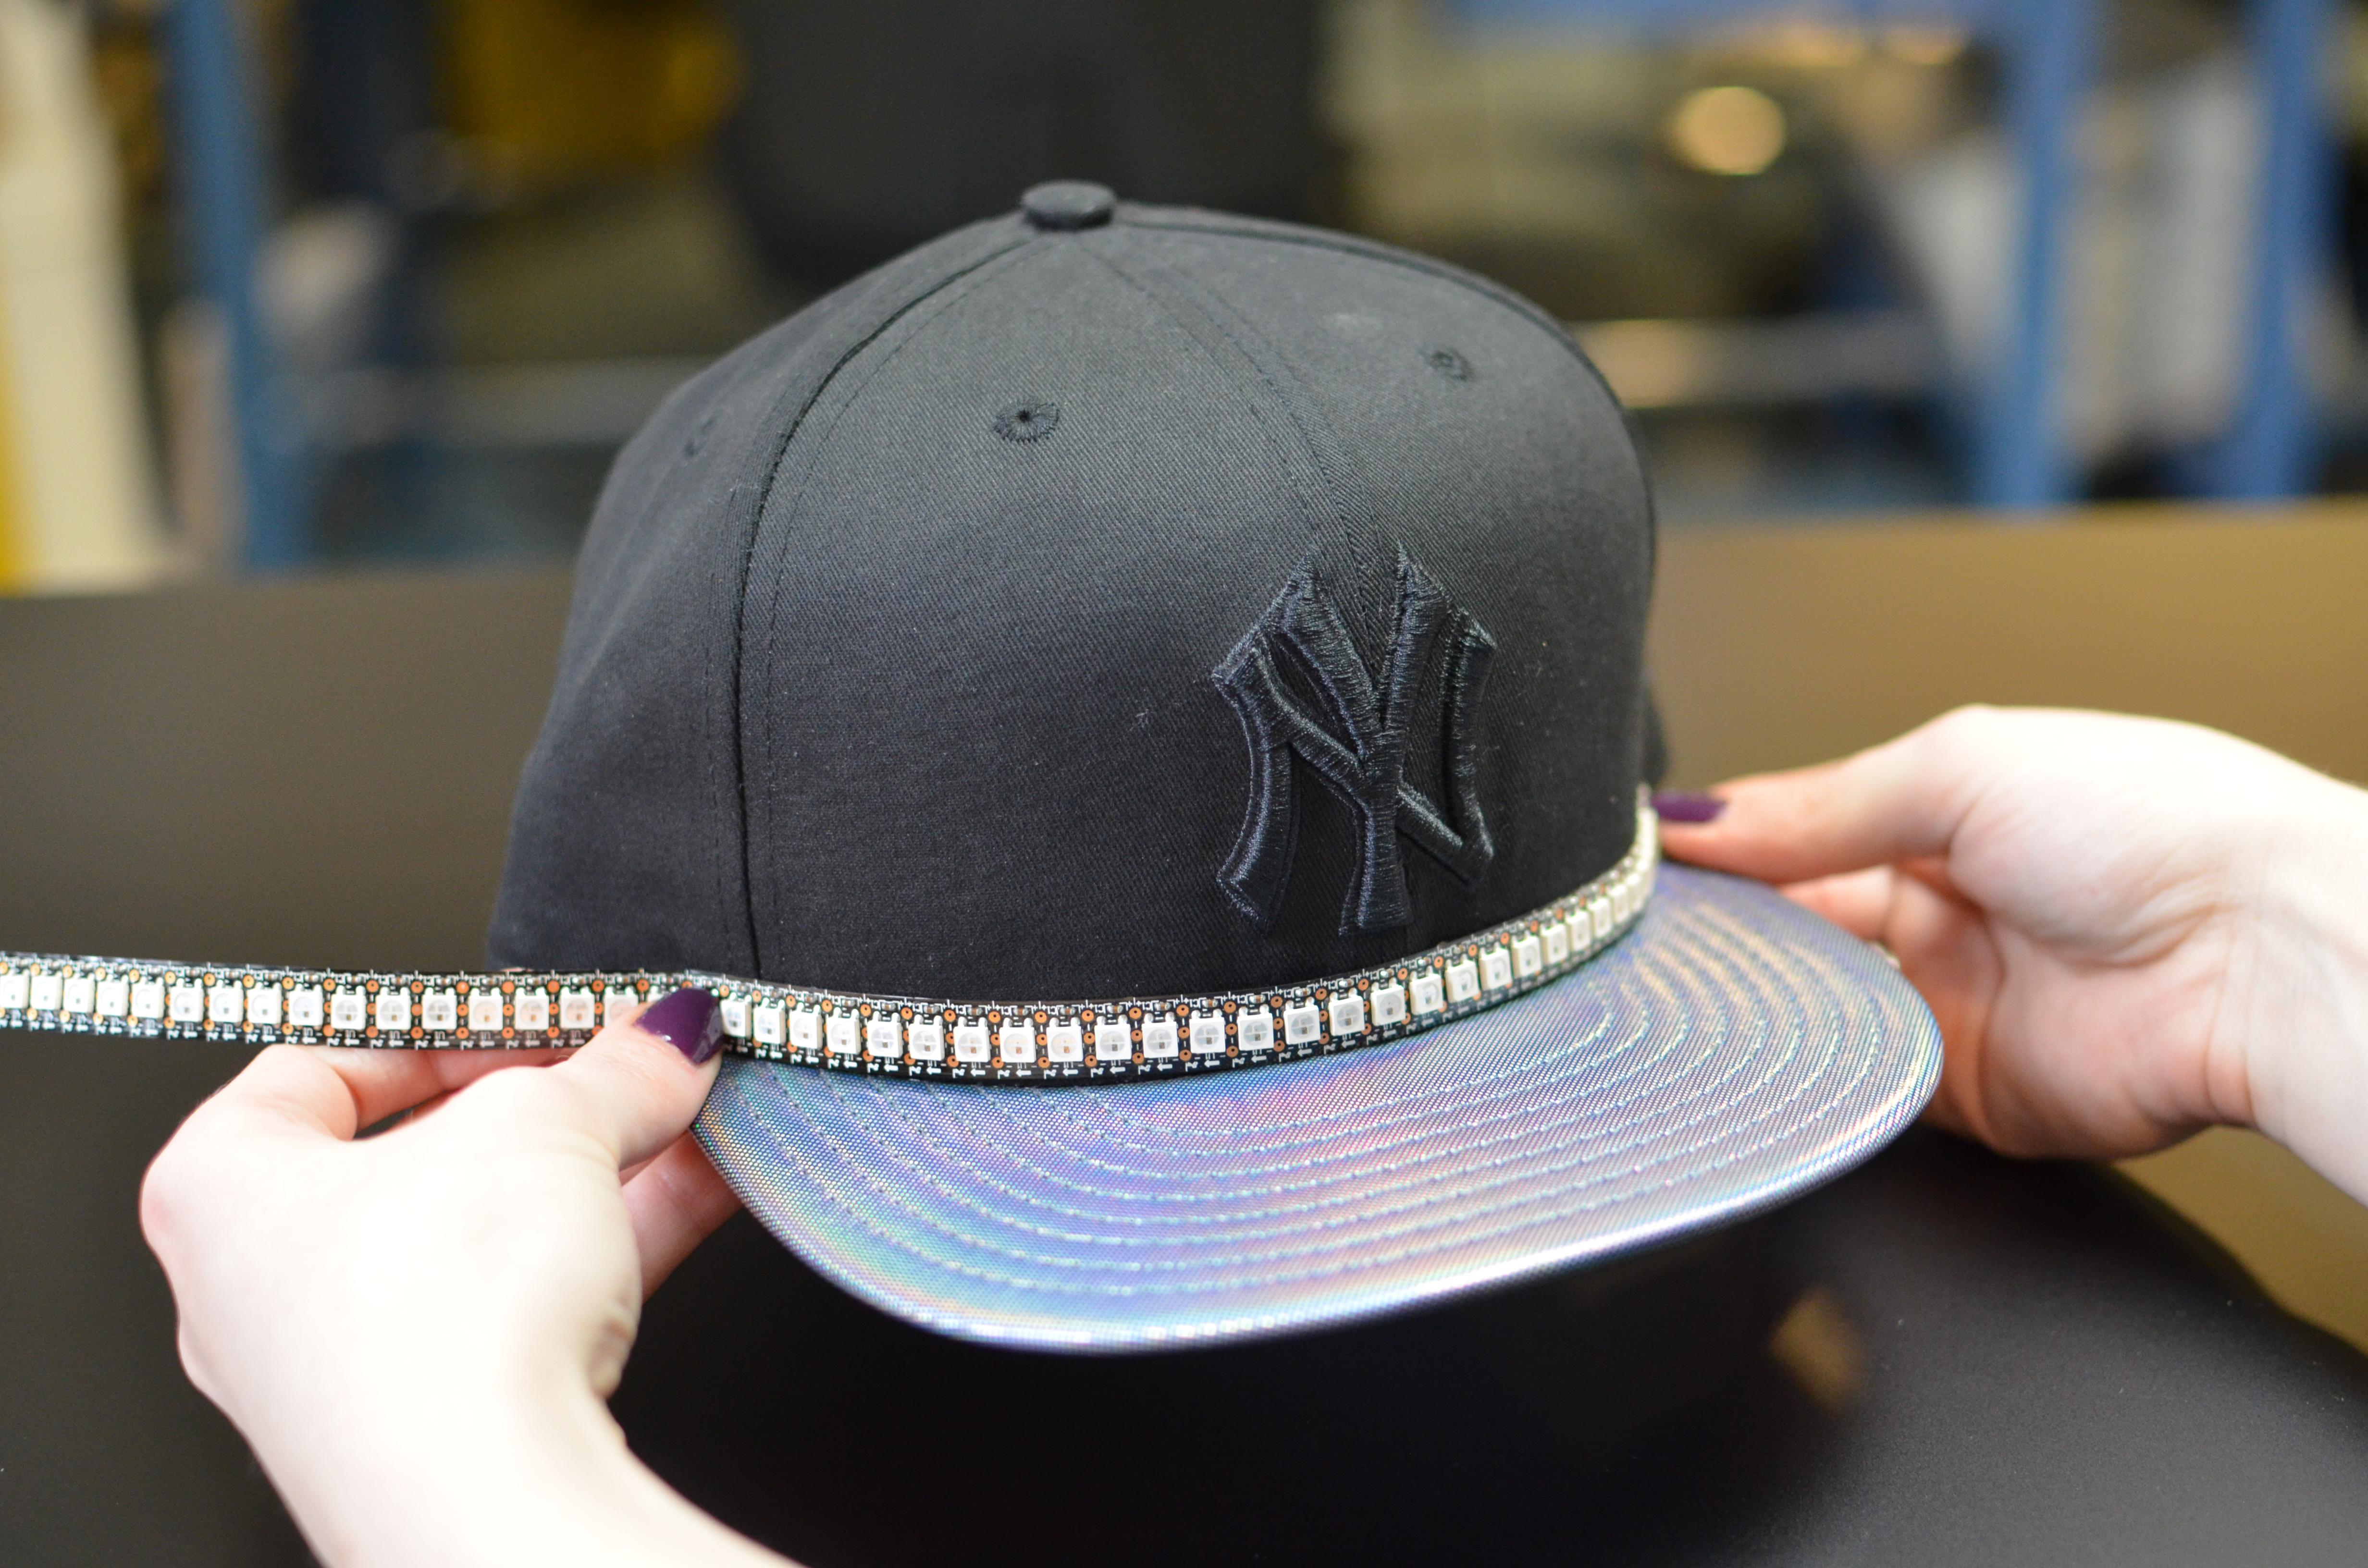 flora_vu-meter-baseball-hat-03.jpg